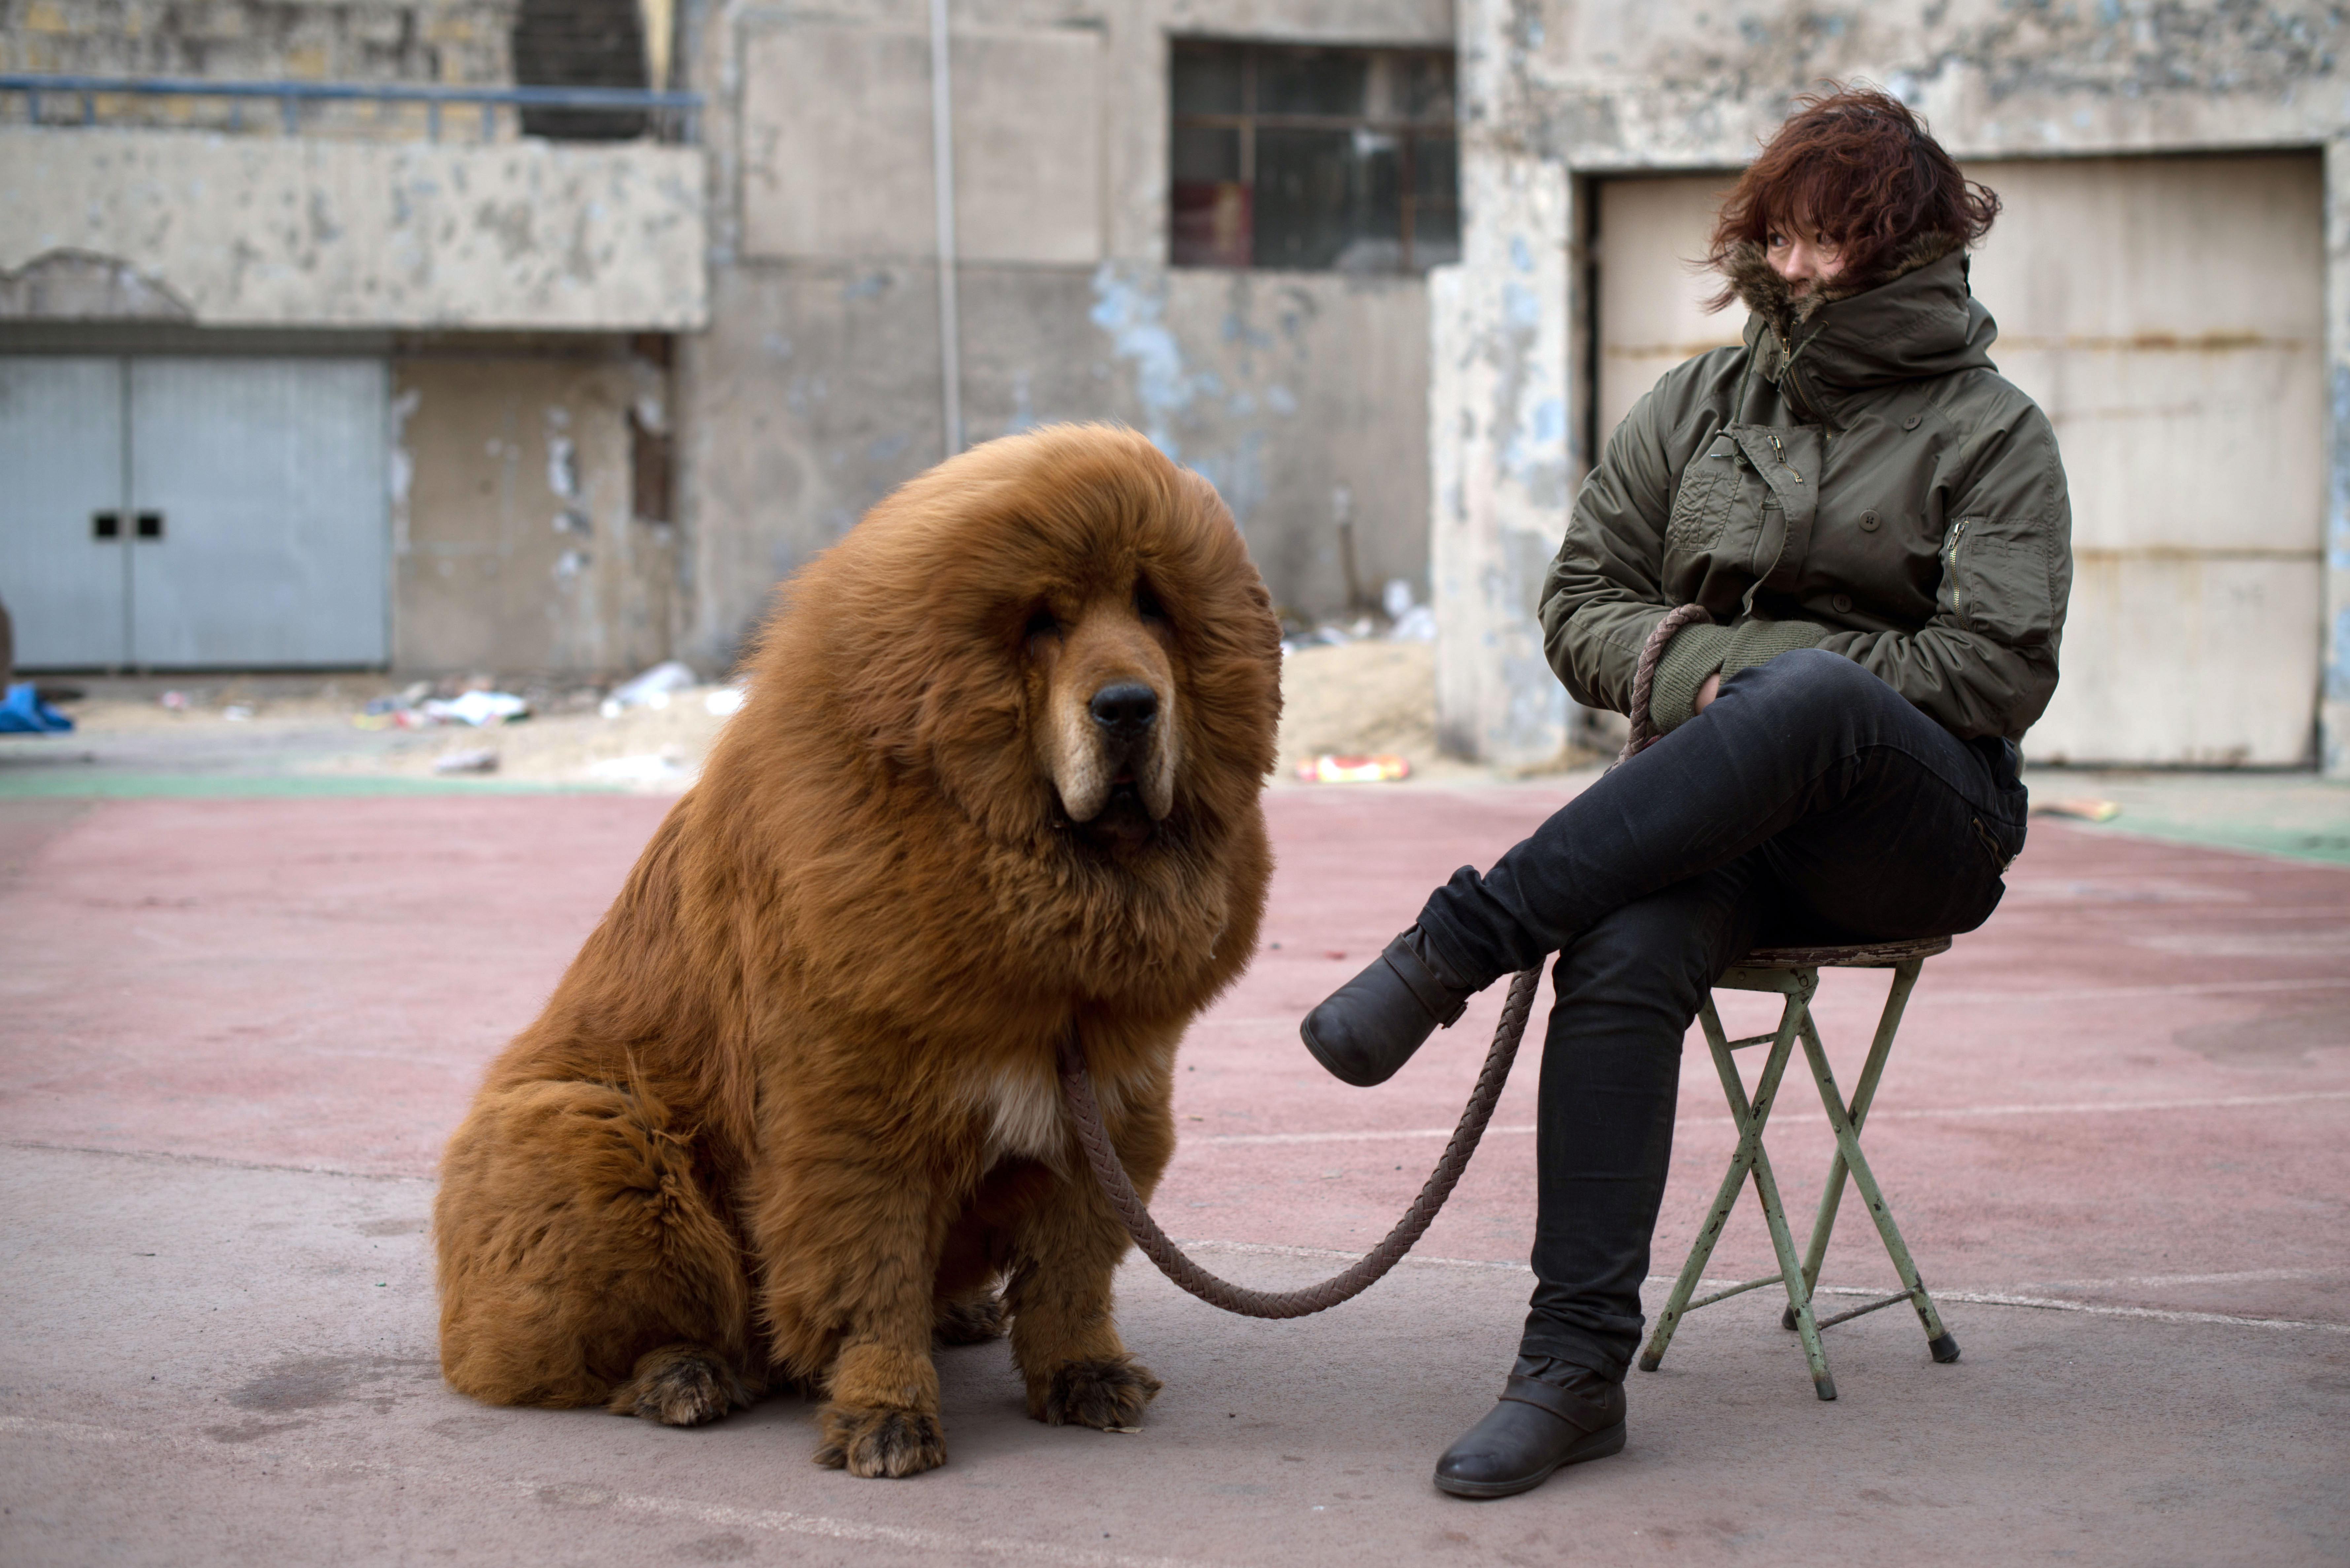 15-tibetan-mastiff.jpg